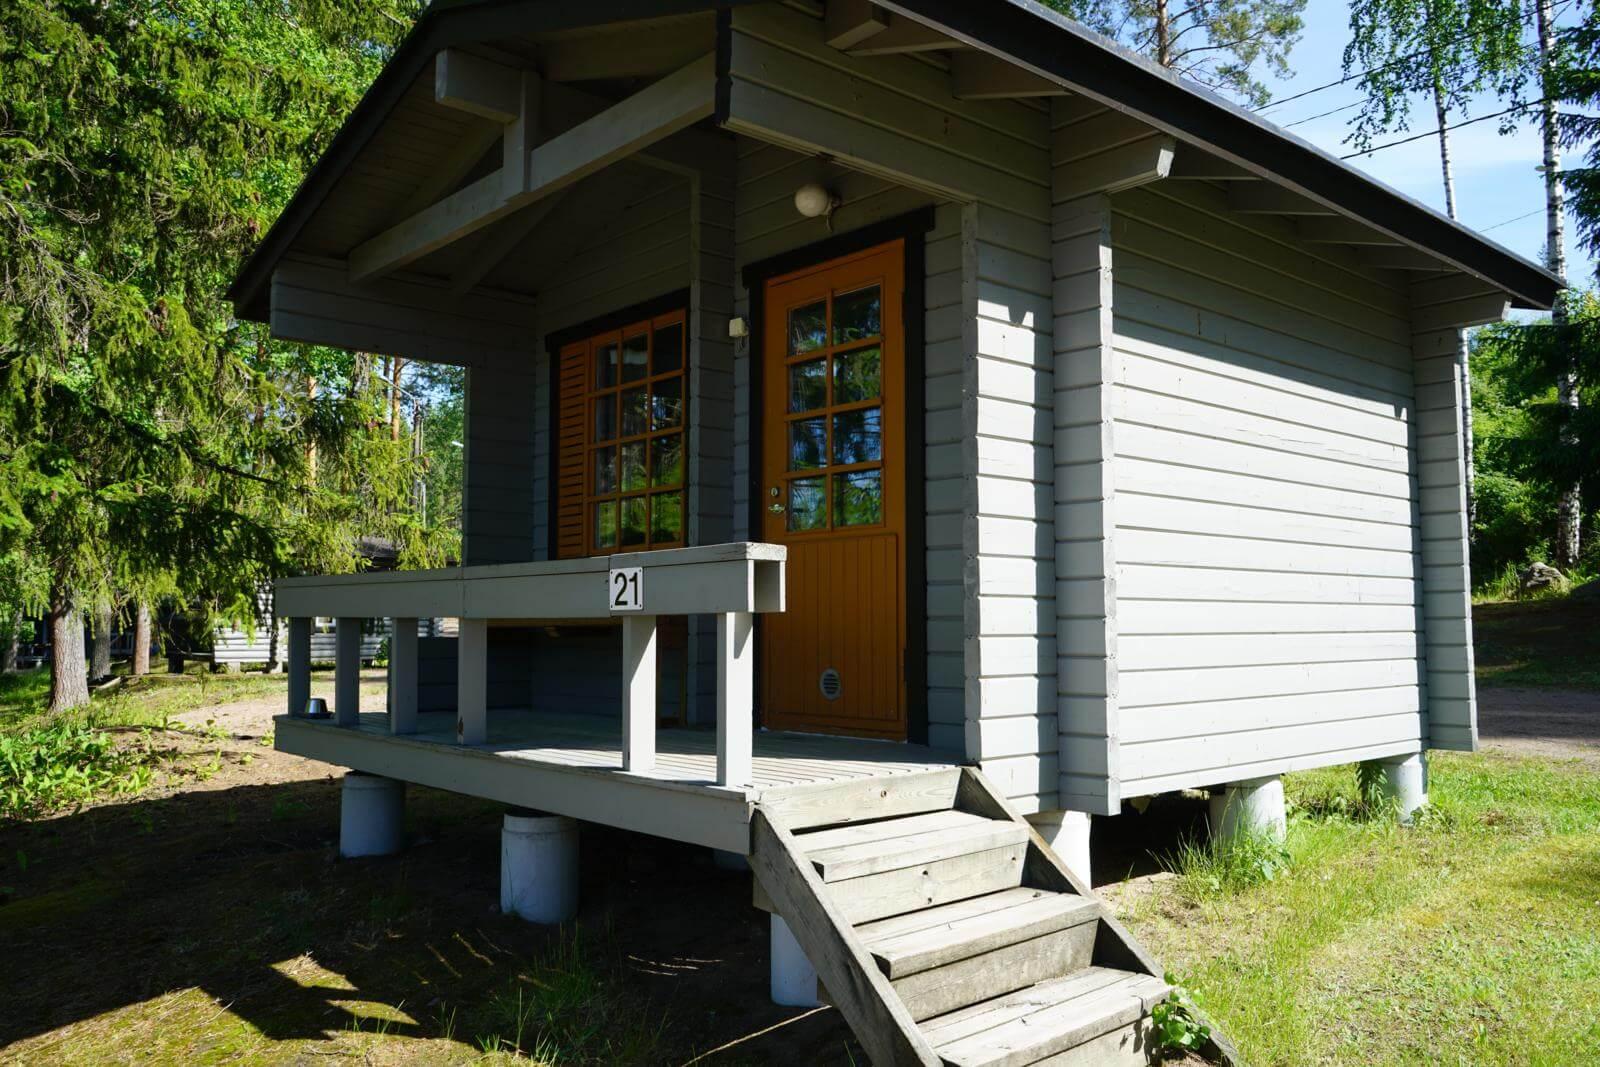 Tykkimäki Campingin leirintämökit ovat käytössä kesäkaudella